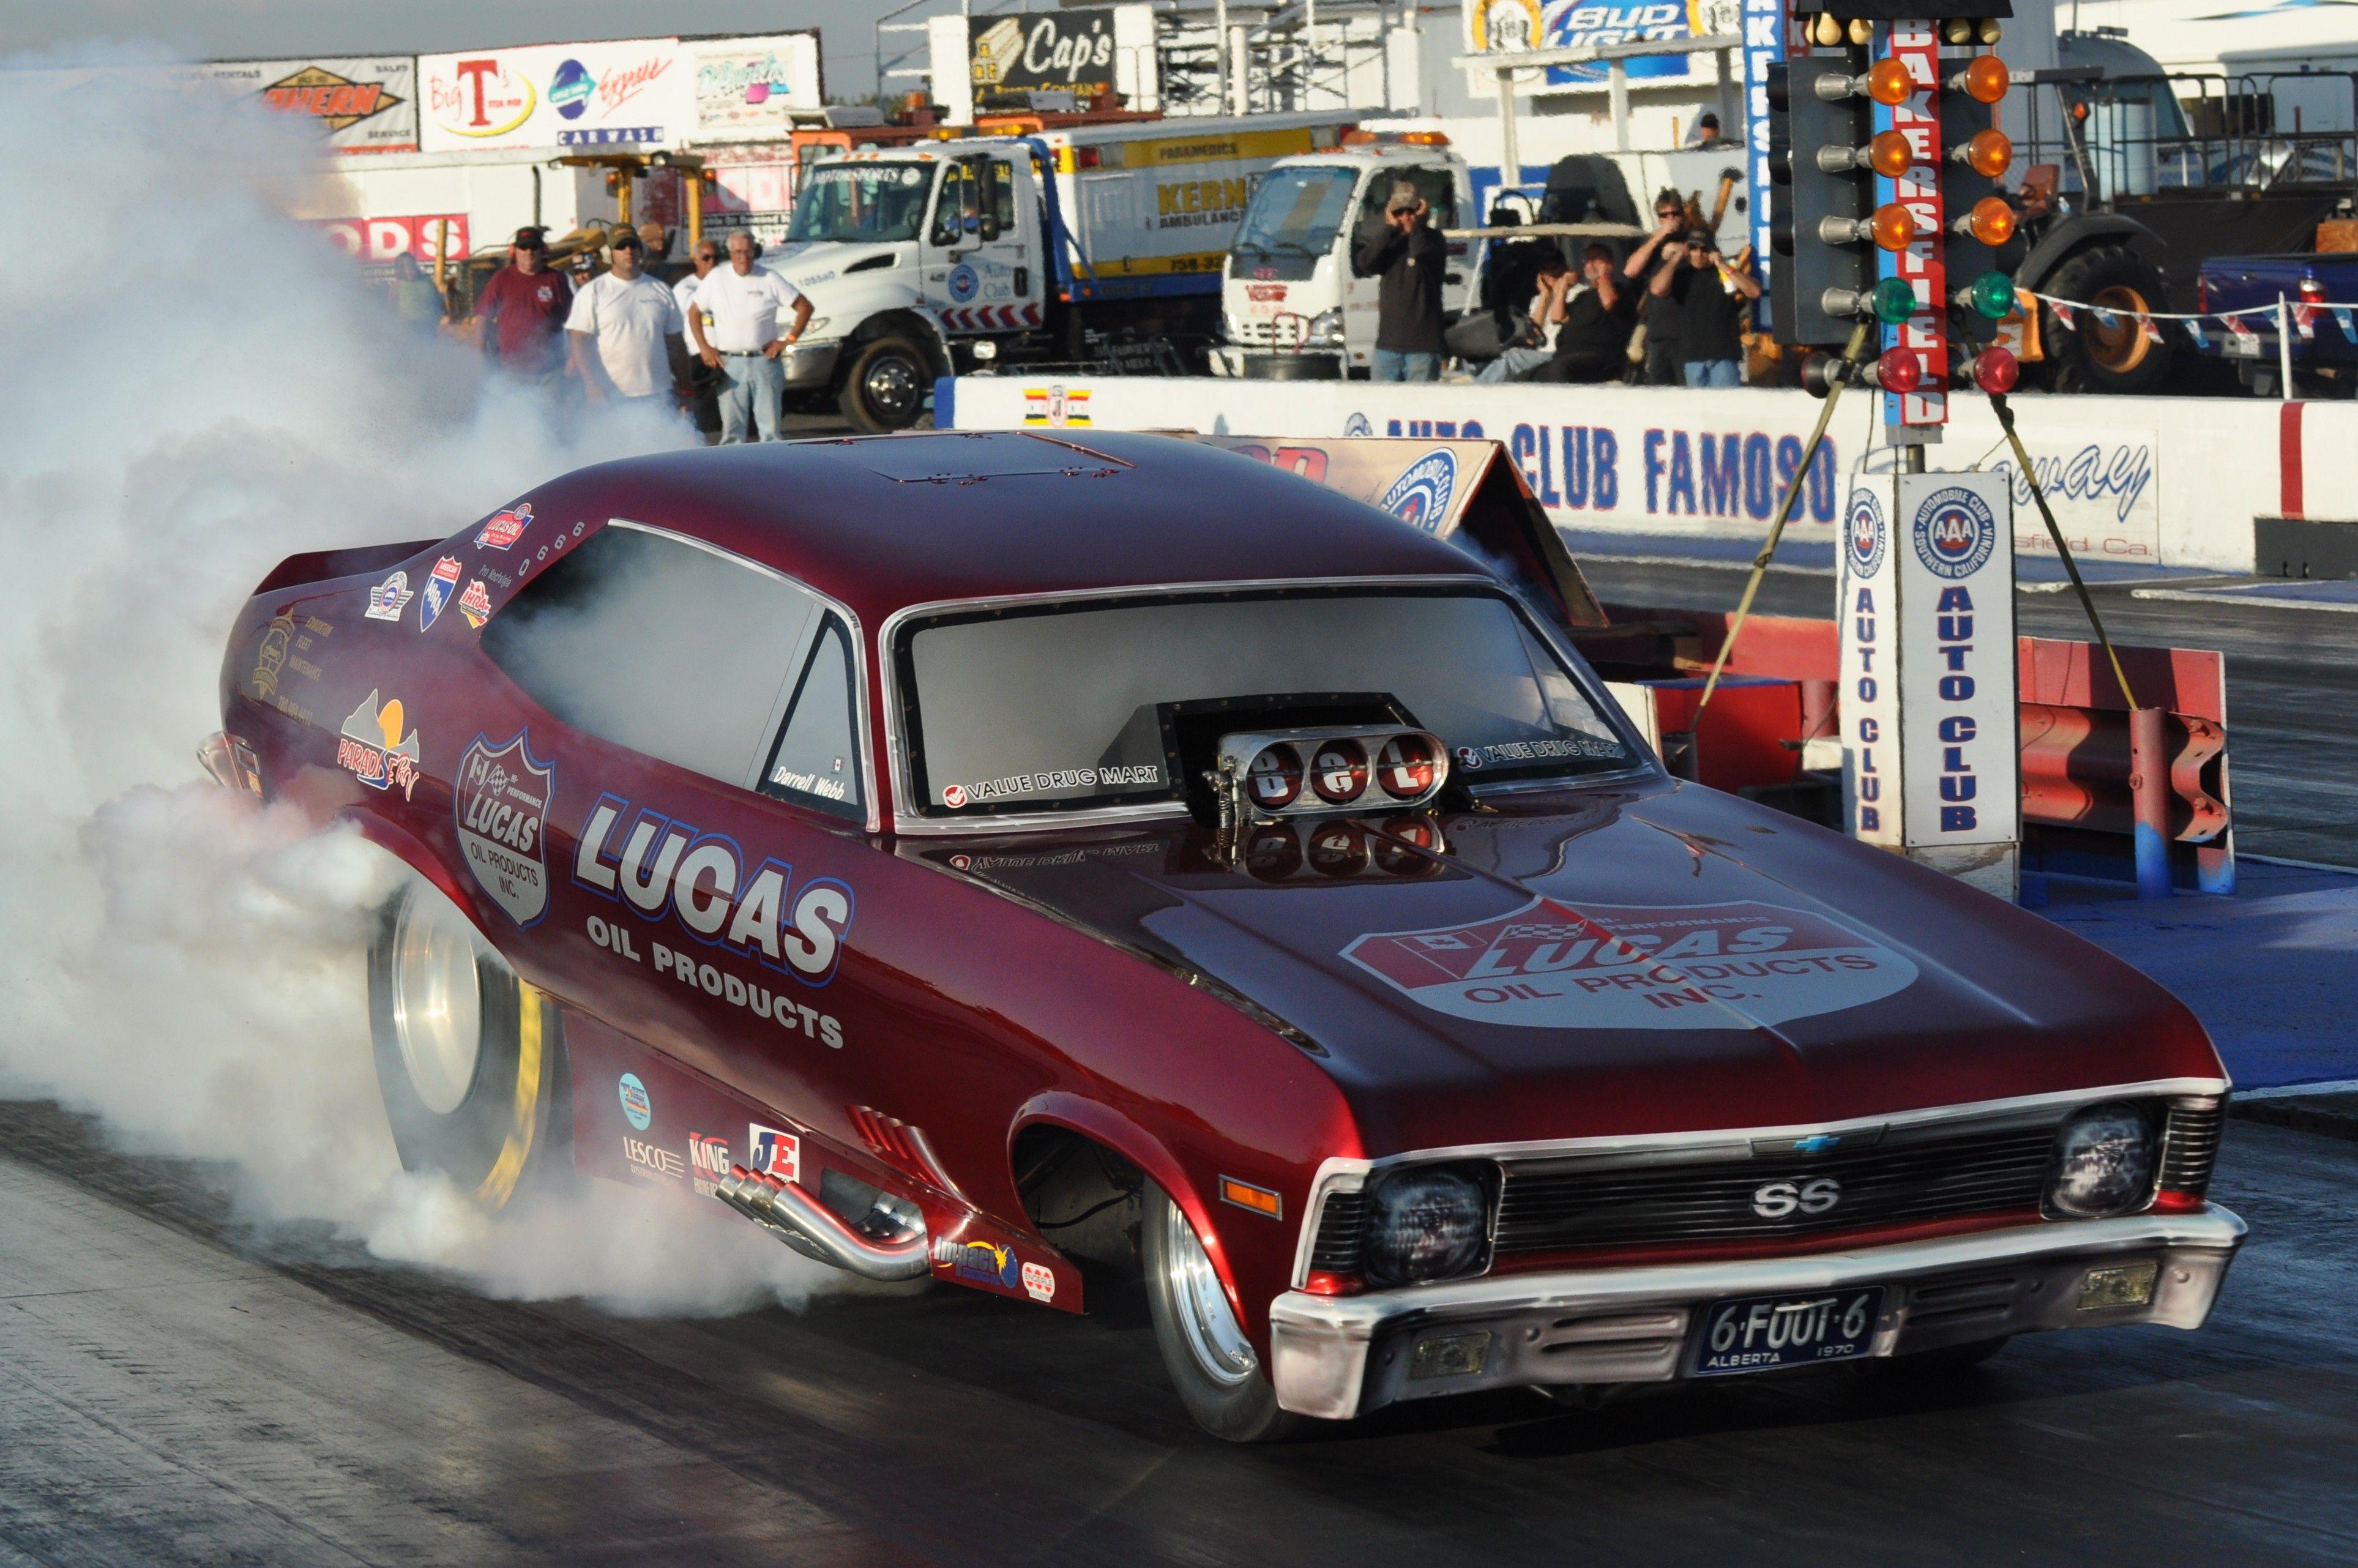 Nova Funny Car Burnout Drag Racing Cars Funny Car Drag Racing Drag Racing